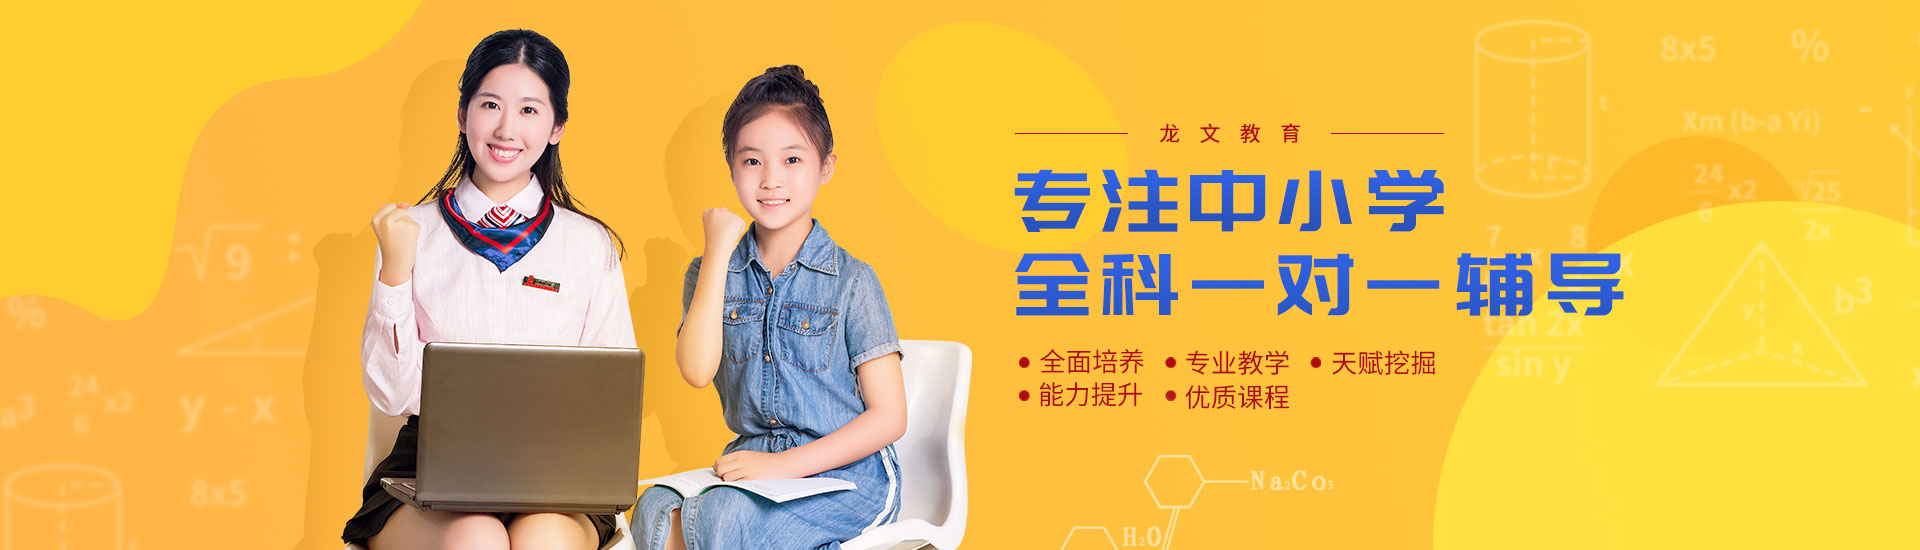 深圳龙文中小学一对一辅导